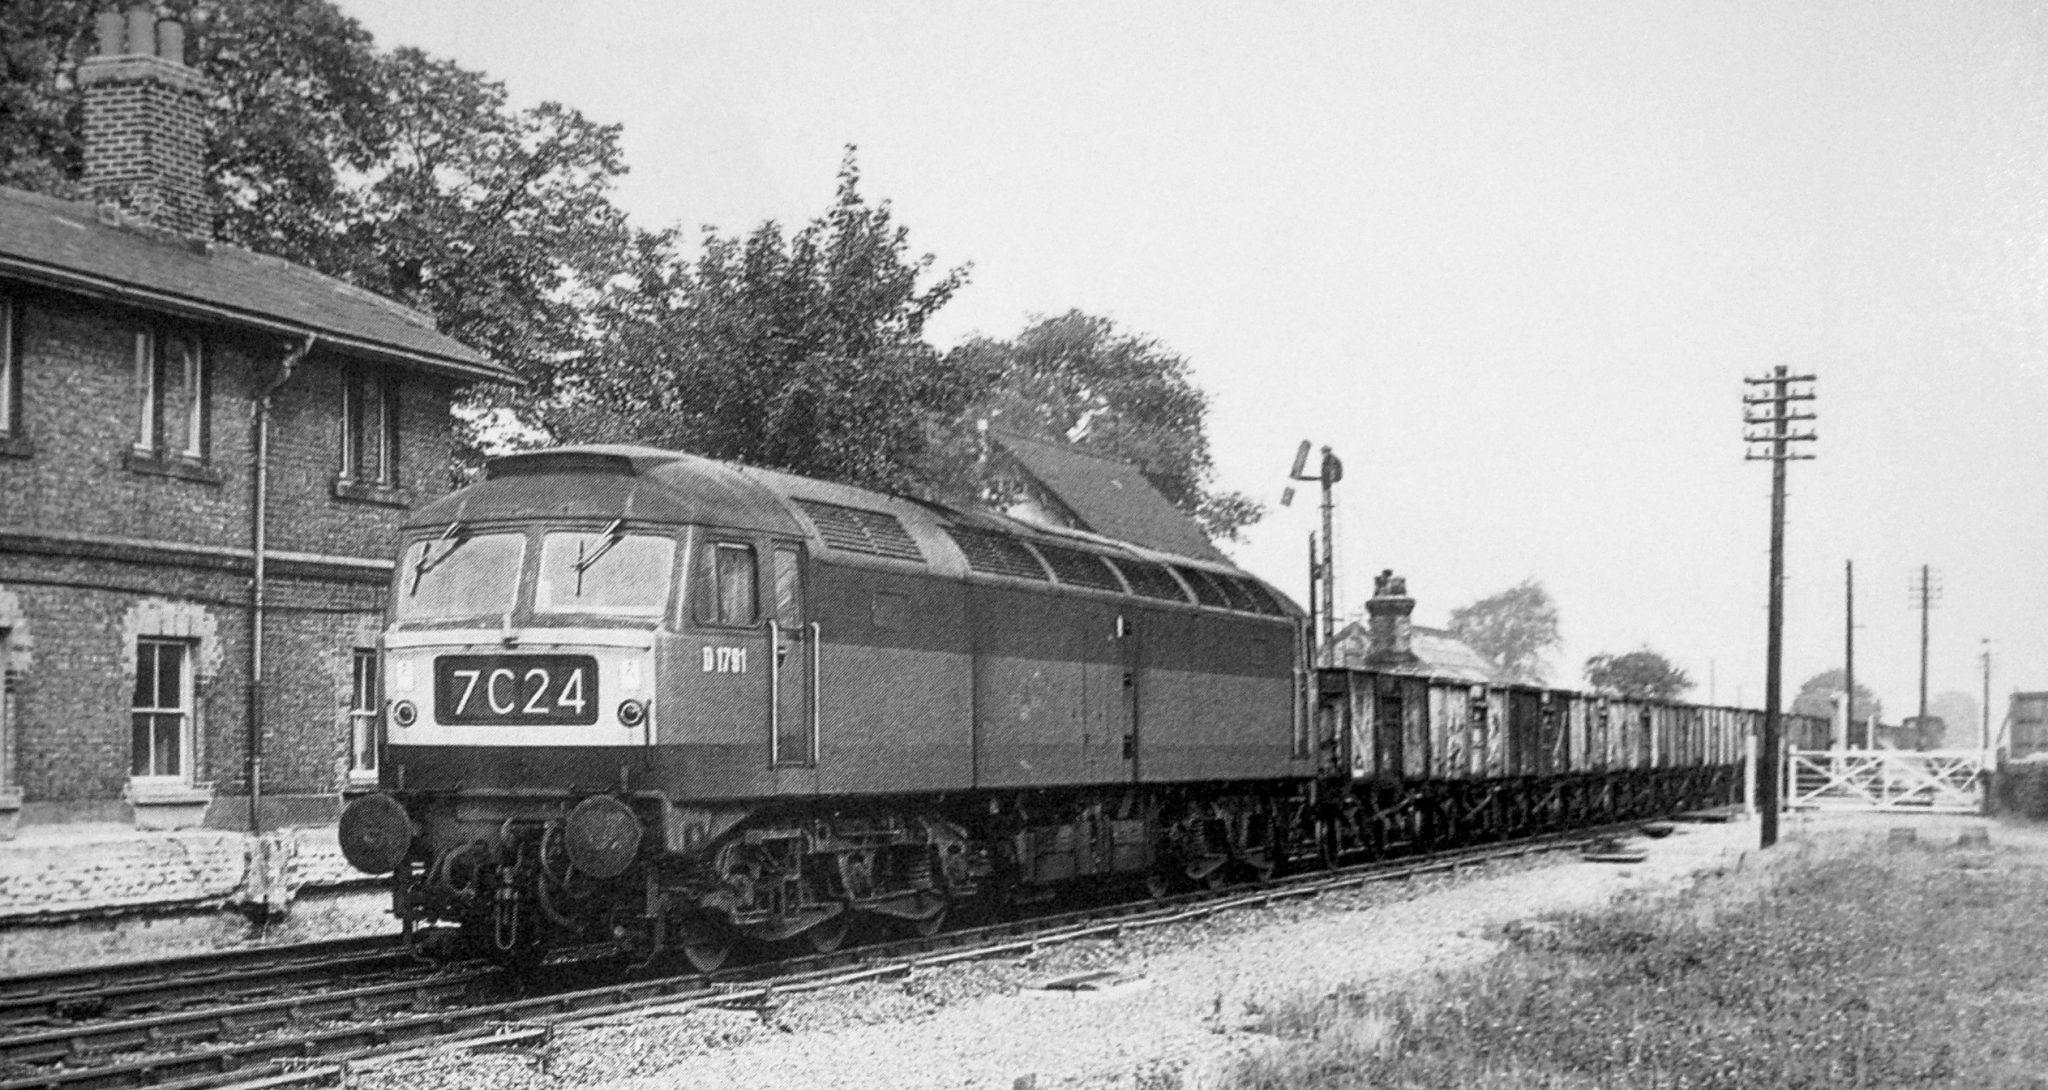 Littleworth Railway Station